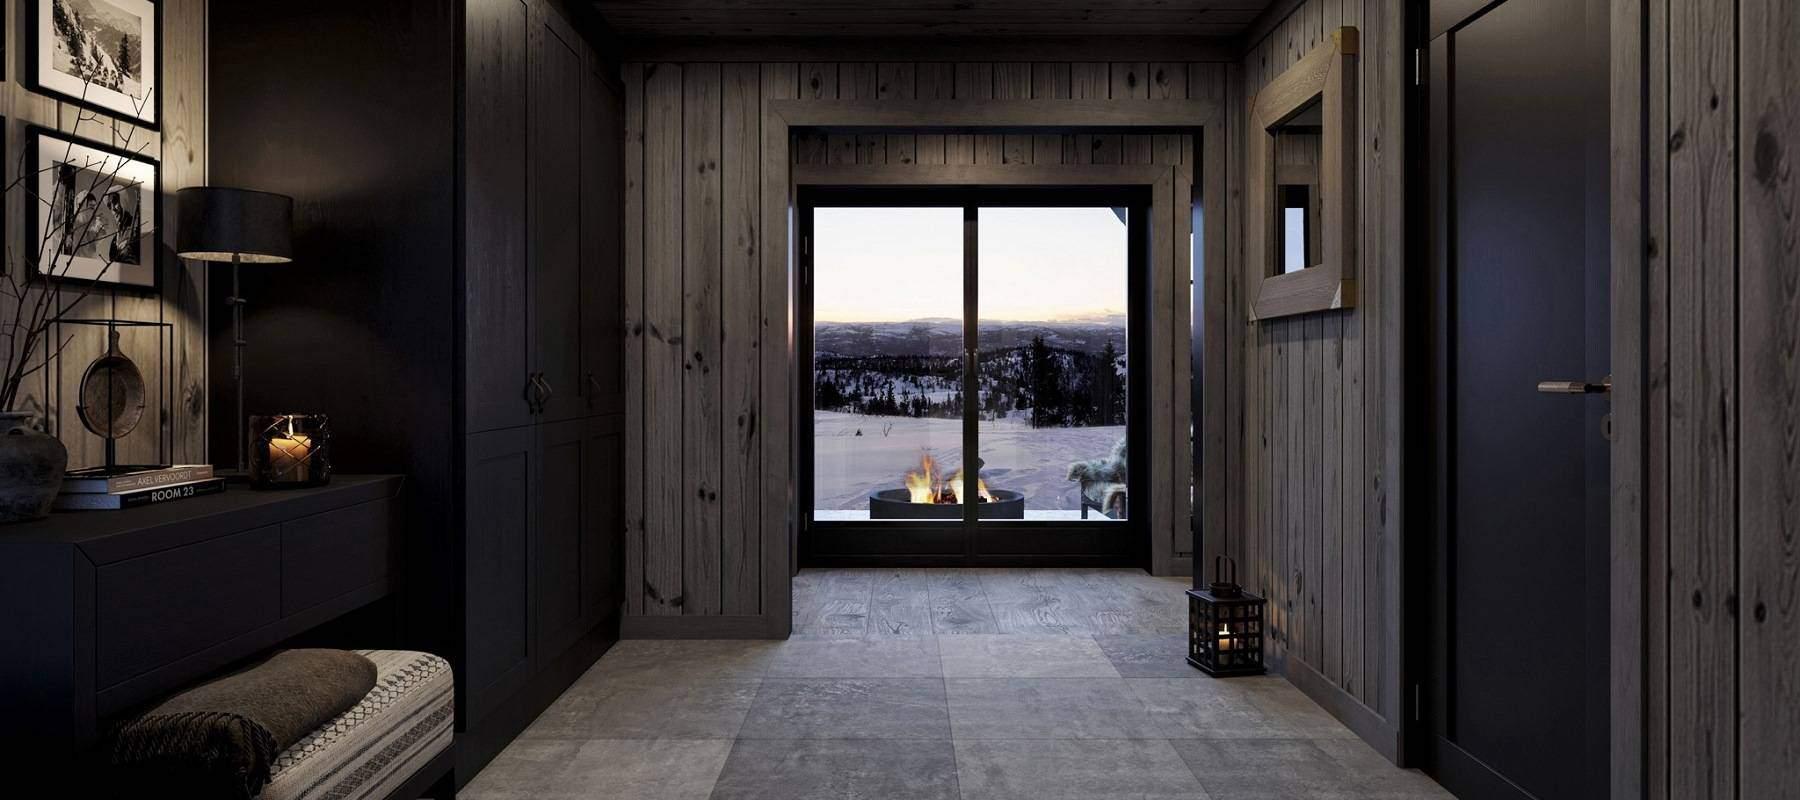 34 Hytte Geilo 155 -Velkomst til hytta med stemningsfulle bålflammer og vinterlandskap i front